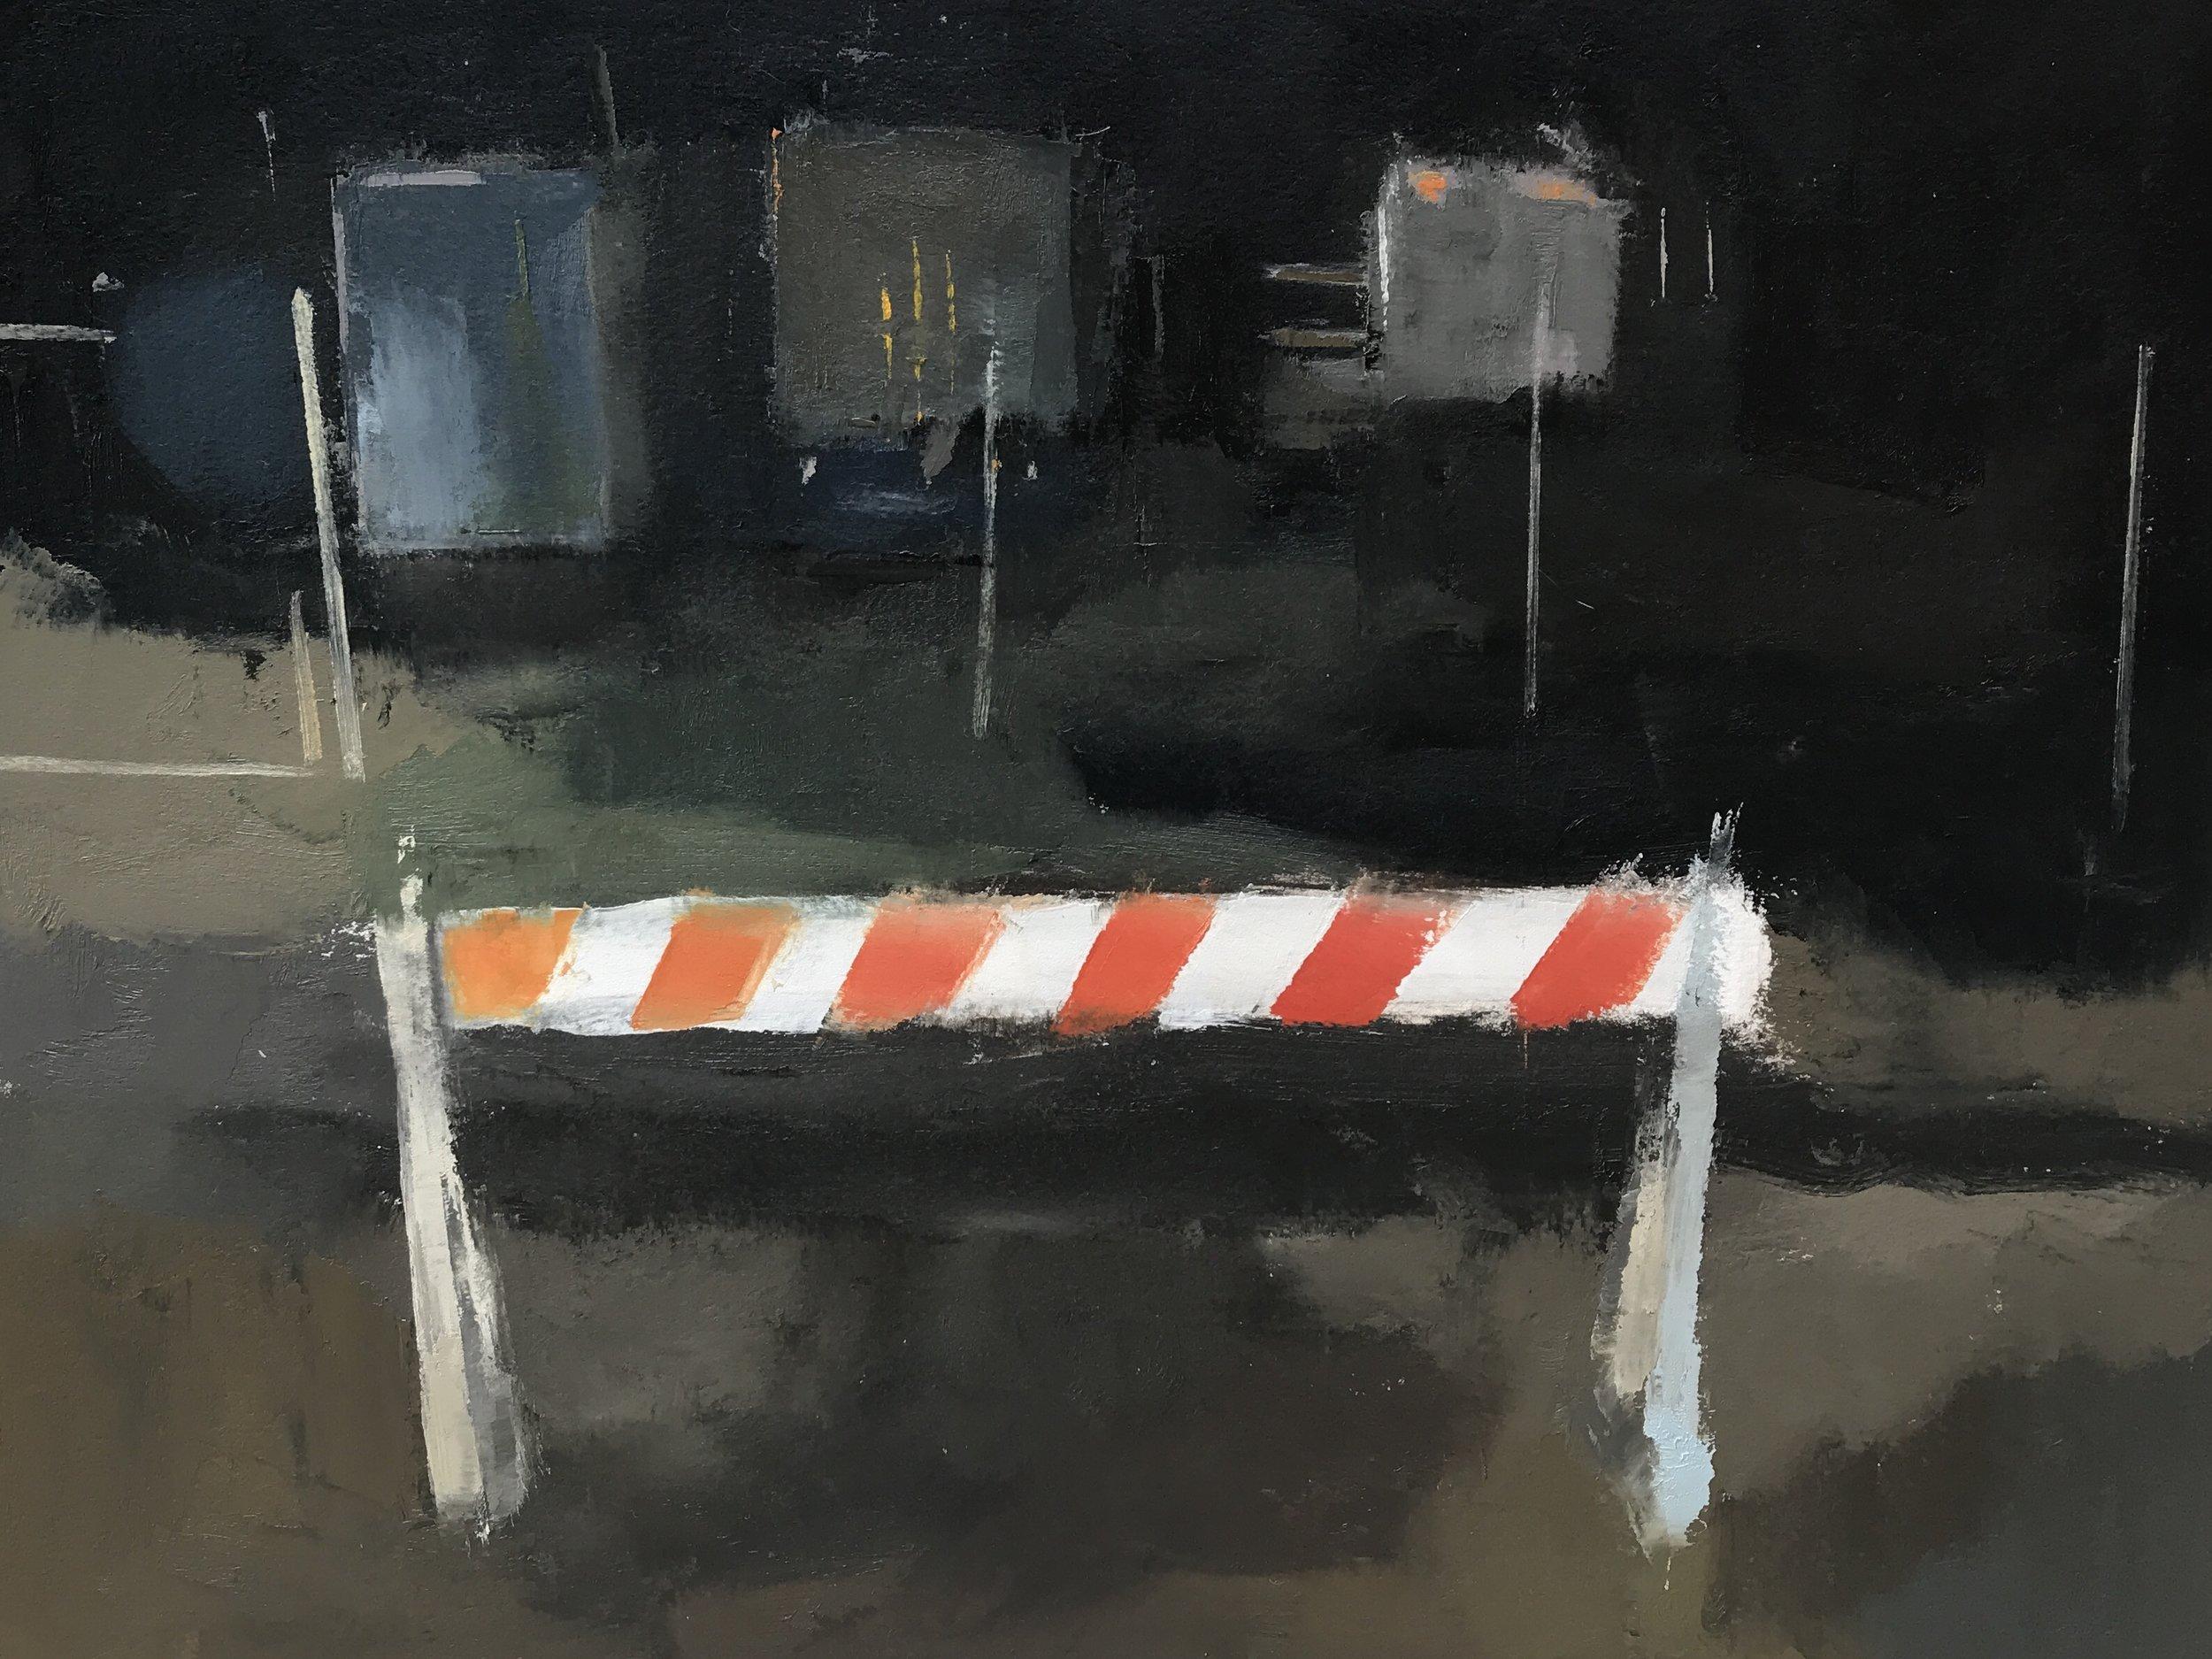 Barricade (alla prima)